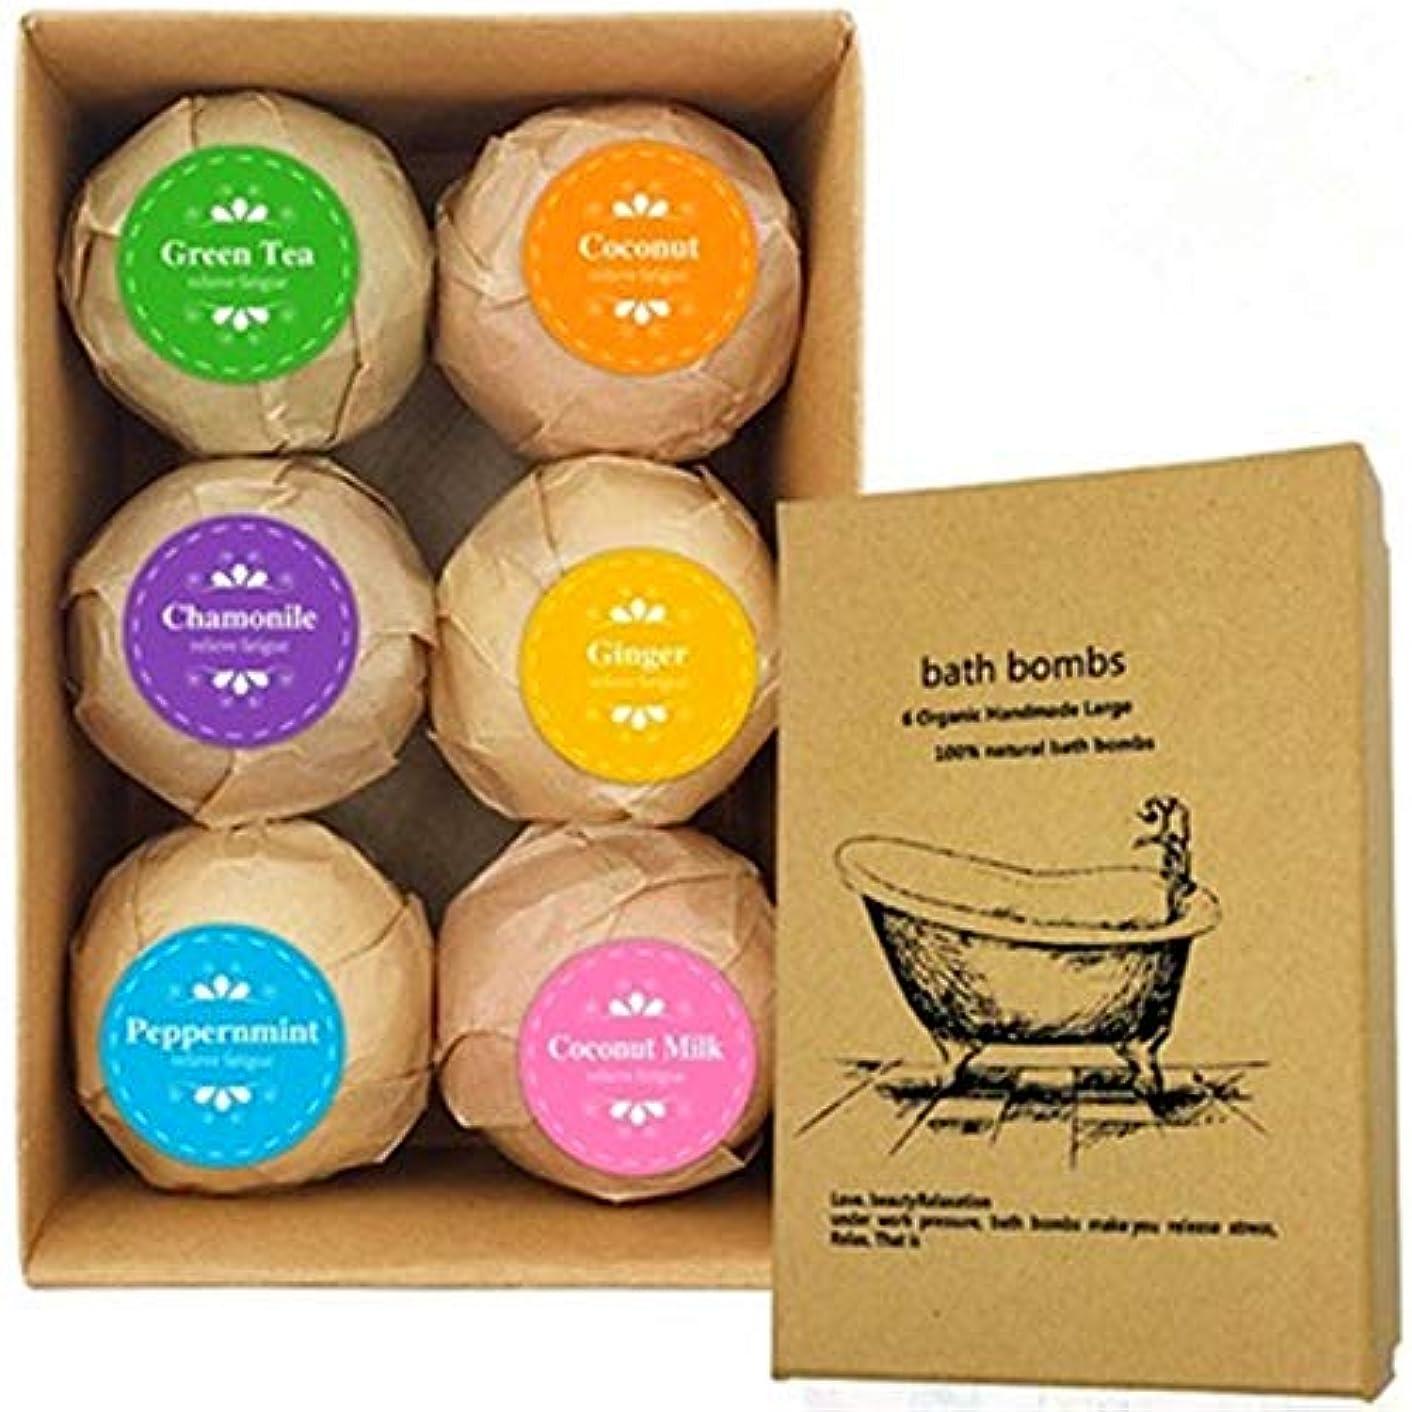 グラムつぶやき翻訳するバスボム 入浴剤 炭酸 バスボール 6つの香り 手作り 入浴料 うるおいプラス お風呂用 入浴剤 ギフトセット6枚 贈り物 プレゼント最適